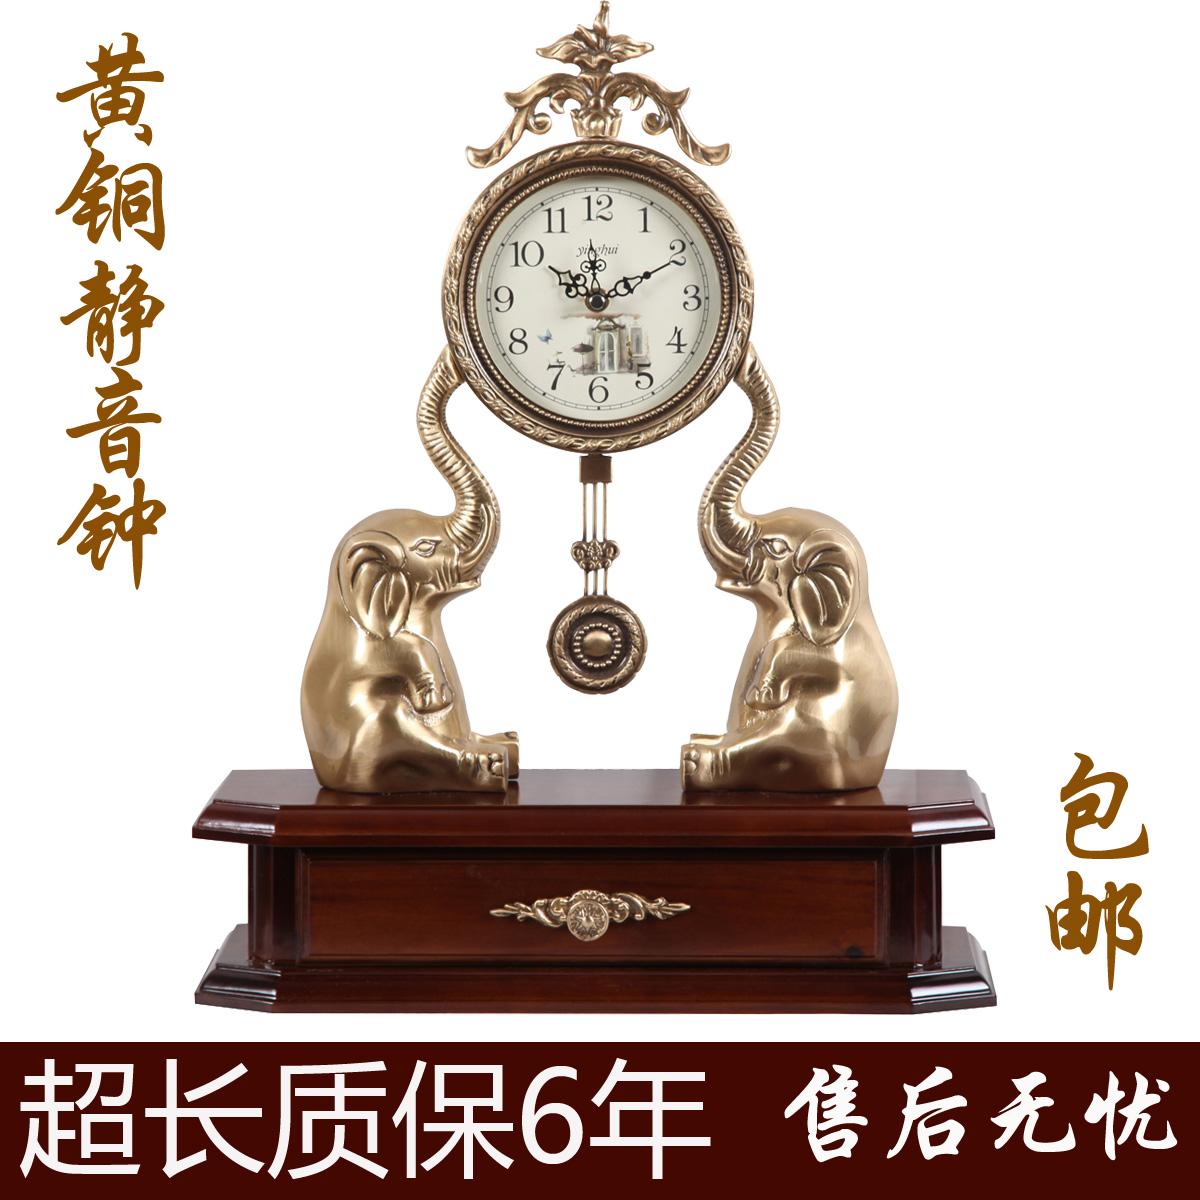 欧式复古纯铜座钟创意坐钟大象台钟客厅卧室静音时钟